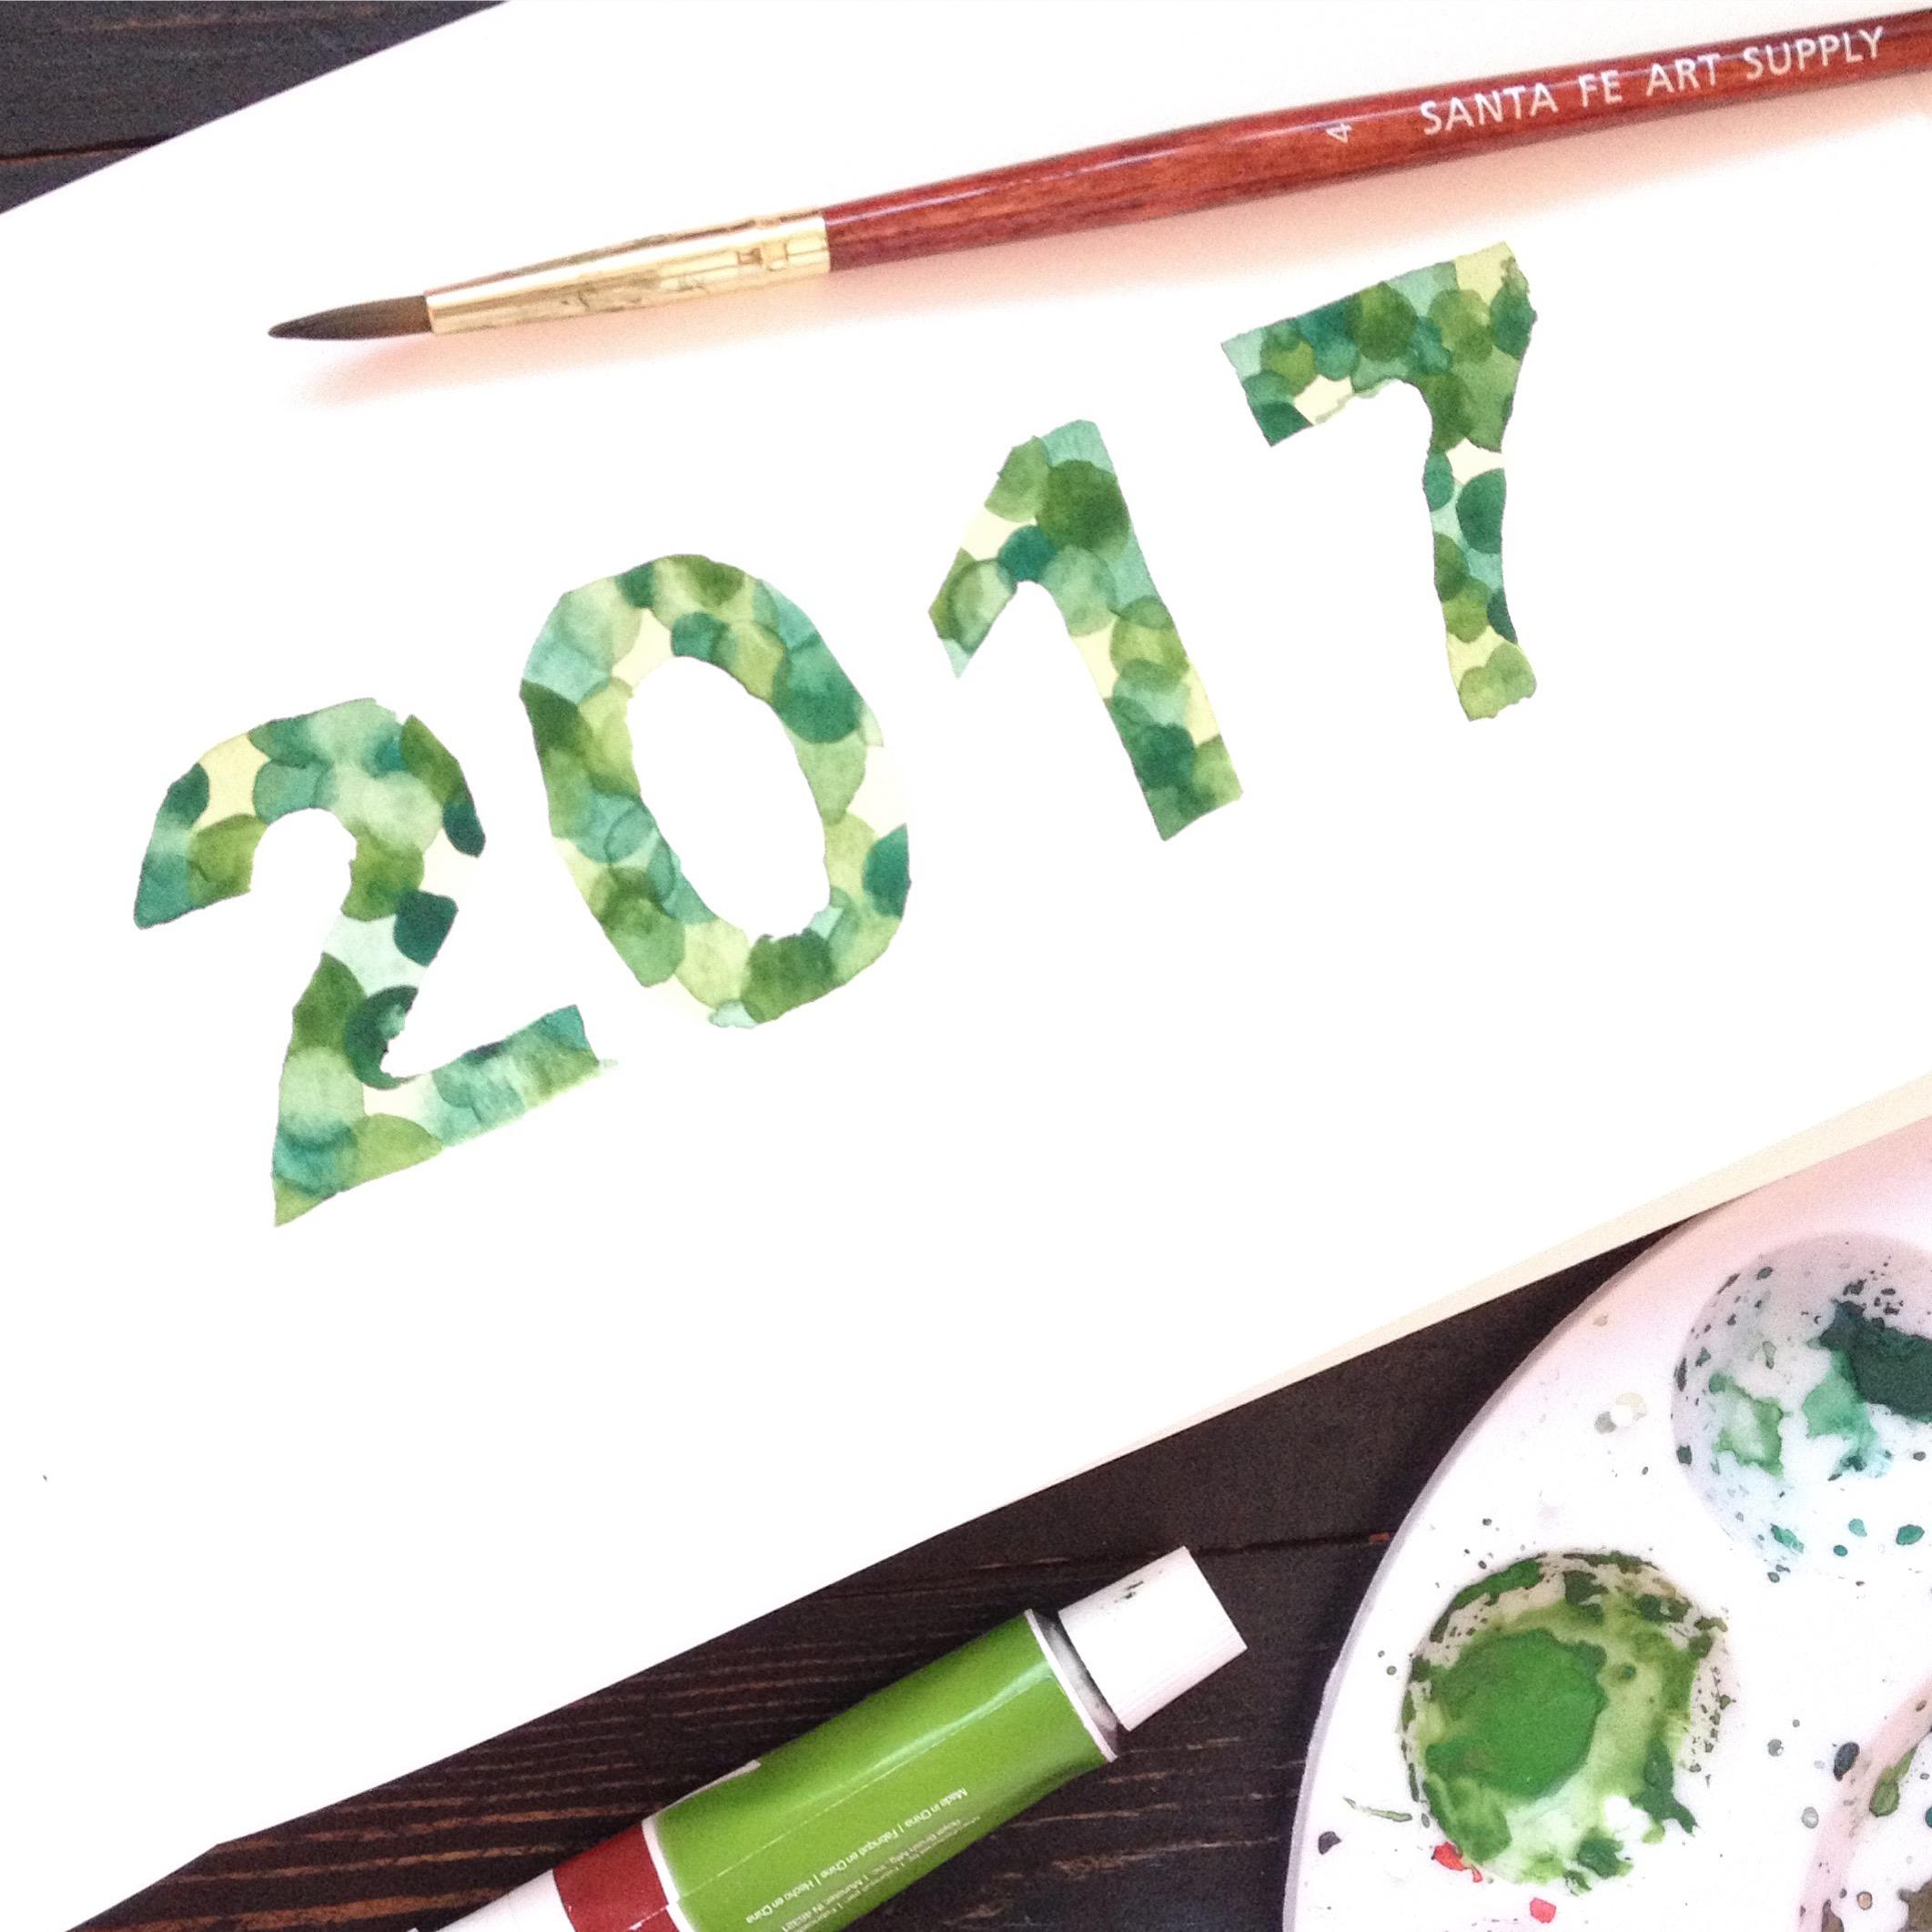 2017 Journal